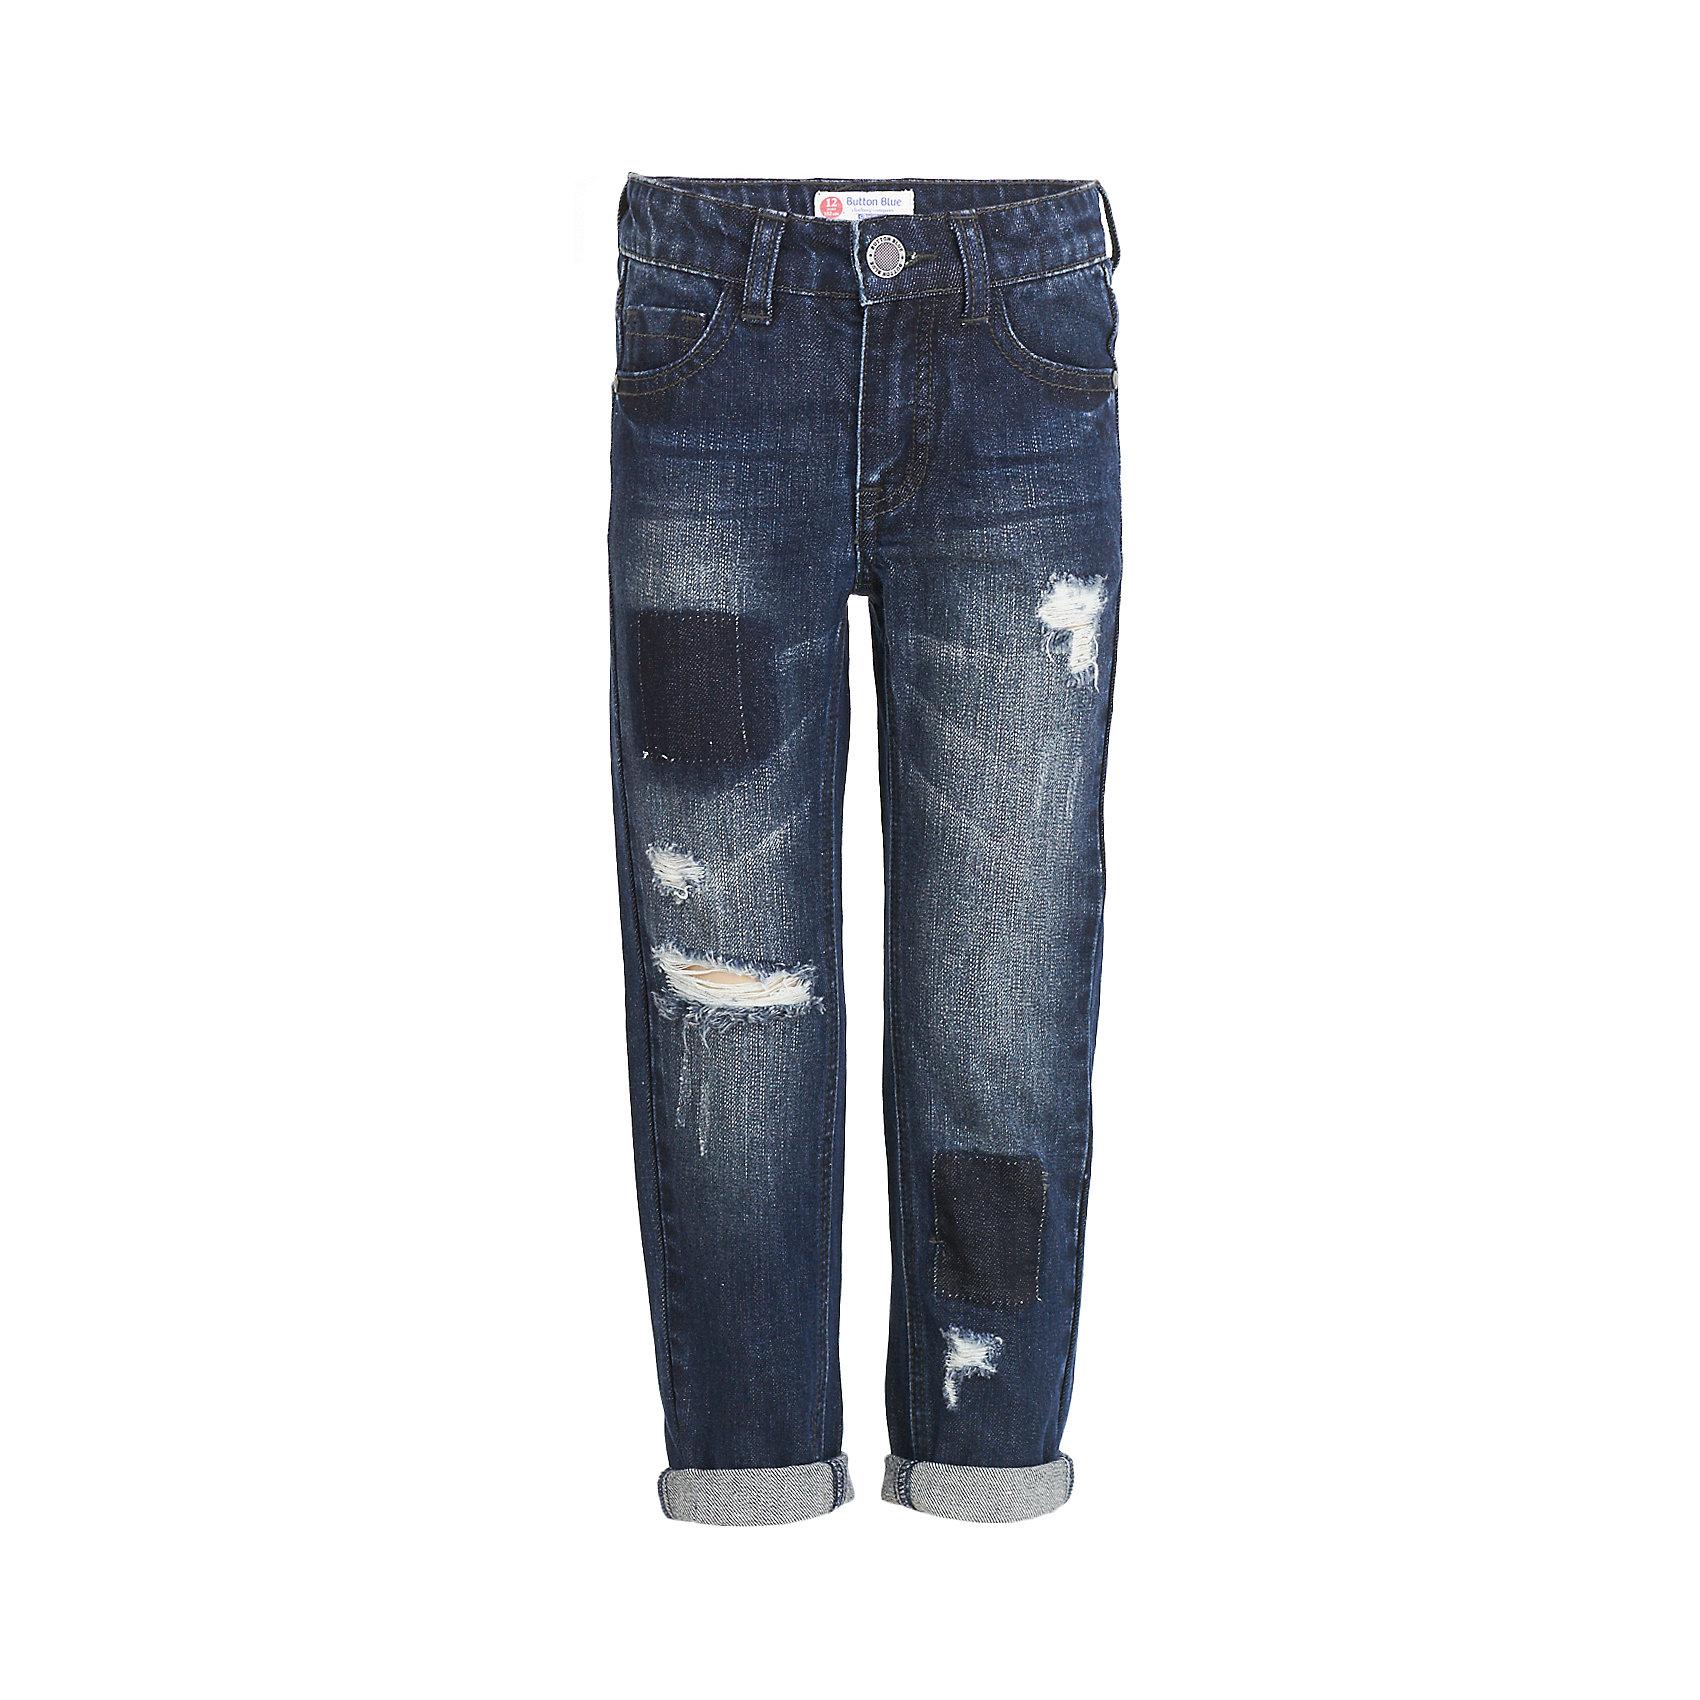 Джинсы BUTTON BLUE для мальчикаДжинсы<br>Джинсы BUTTON BLUE для мальчика<br>Черные джинсы прямого силуэта с потертостями, повреждениями и варкой  — основа модного и функционального повседневного гардероба ребенка! Хорошая форма, удобная посадка на фигуре подарят мальчику комфорт, свободу движений и уверенность в себе. Если вы хотите купить недорогие детские джинсы отличного качества, модель от Button Blue - прекрасный вариант!<br>Состав:<br>100% хлопок<br><br>Ширина мм: 215<br>Глубина мм: 88<br>Высота мм: 191<br>Вес г: 336<br>Цвет: черный<br>Возраст от месяцев: 144<br>Возраст до месяцев: 156<br>Пол: Мужской<br>Возраст: Детский<br>Размер: 158,98,104,110,116,122,128,134,140,146,152<br>SKU: 7038809